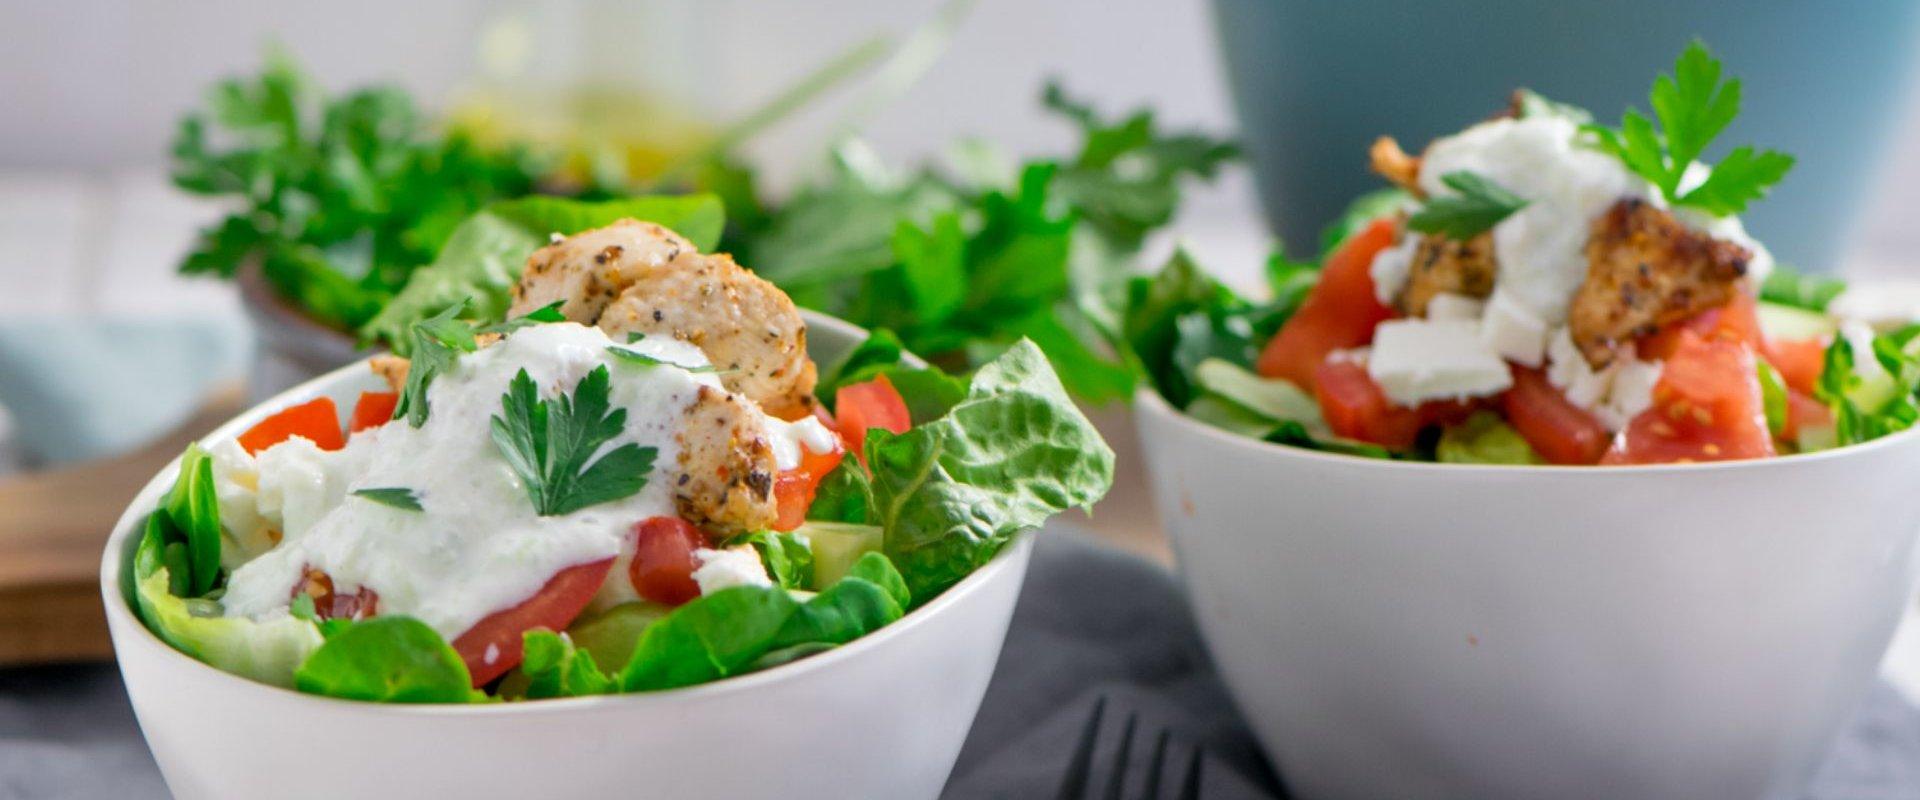 Erfrischender Gyros Salat - Sommerlicher Salat für heiße Tage